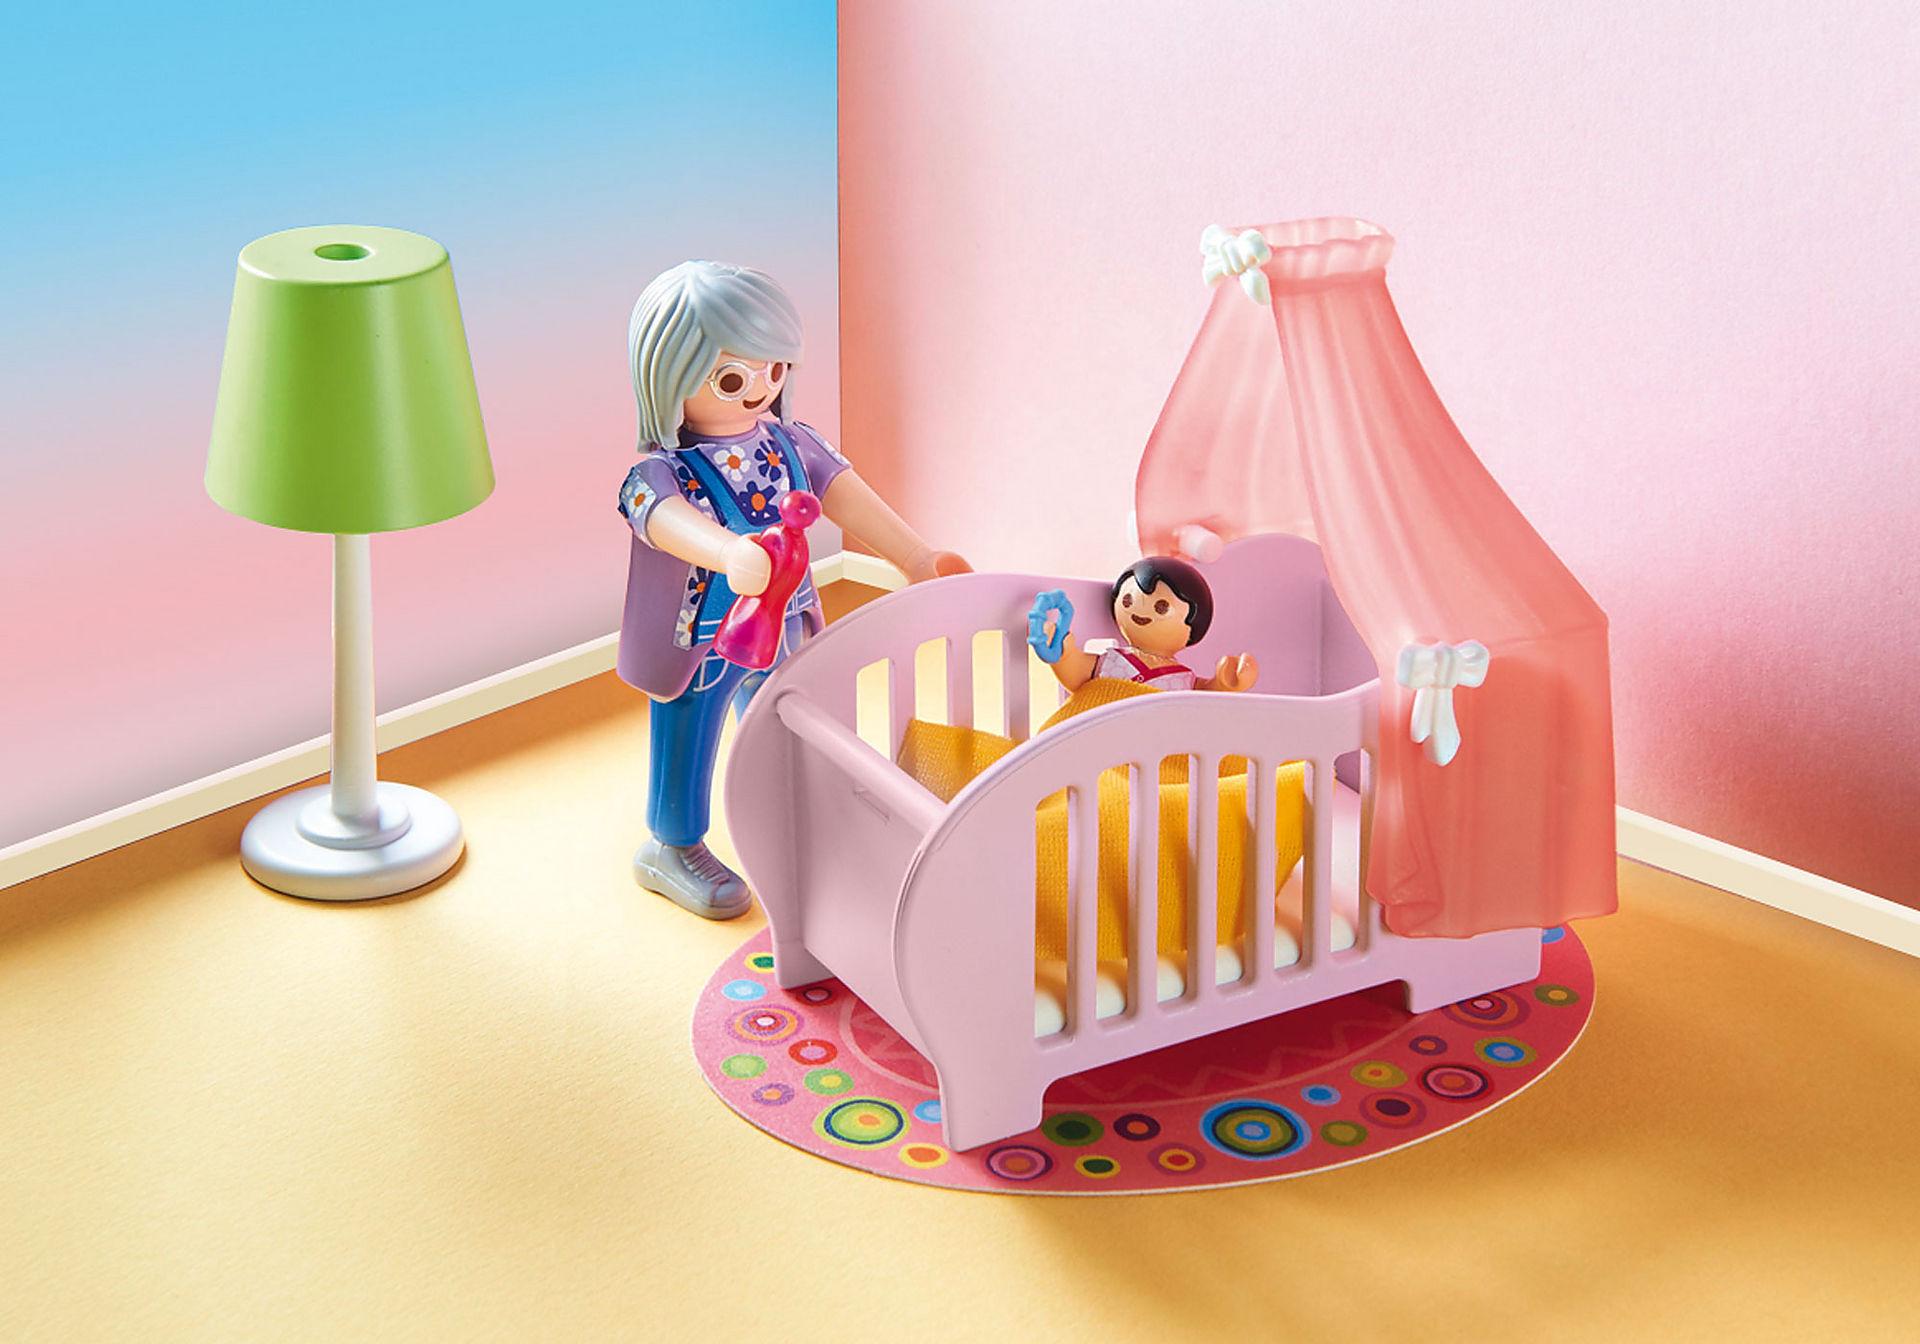 Accessoire Chambre D Enfant chambre de bébé - 70210 - playmobil® france